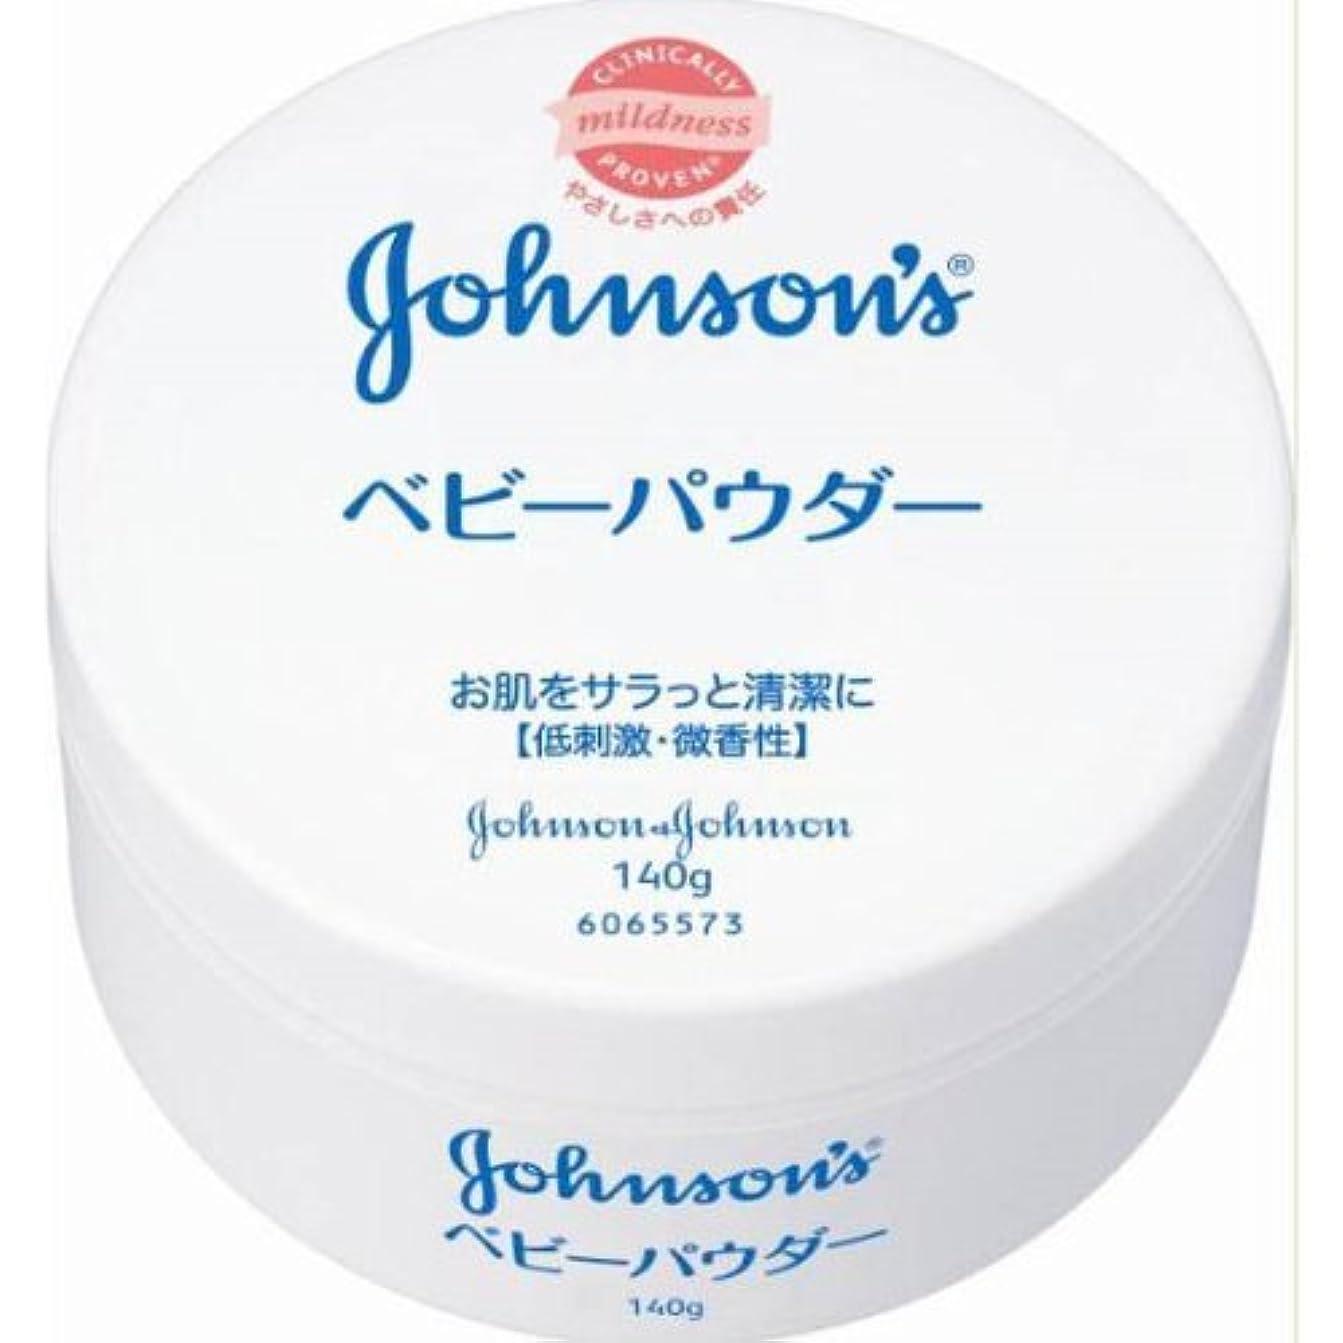 チーム残忍な論理ジョンソン ベビーパウダー プラスチック容器